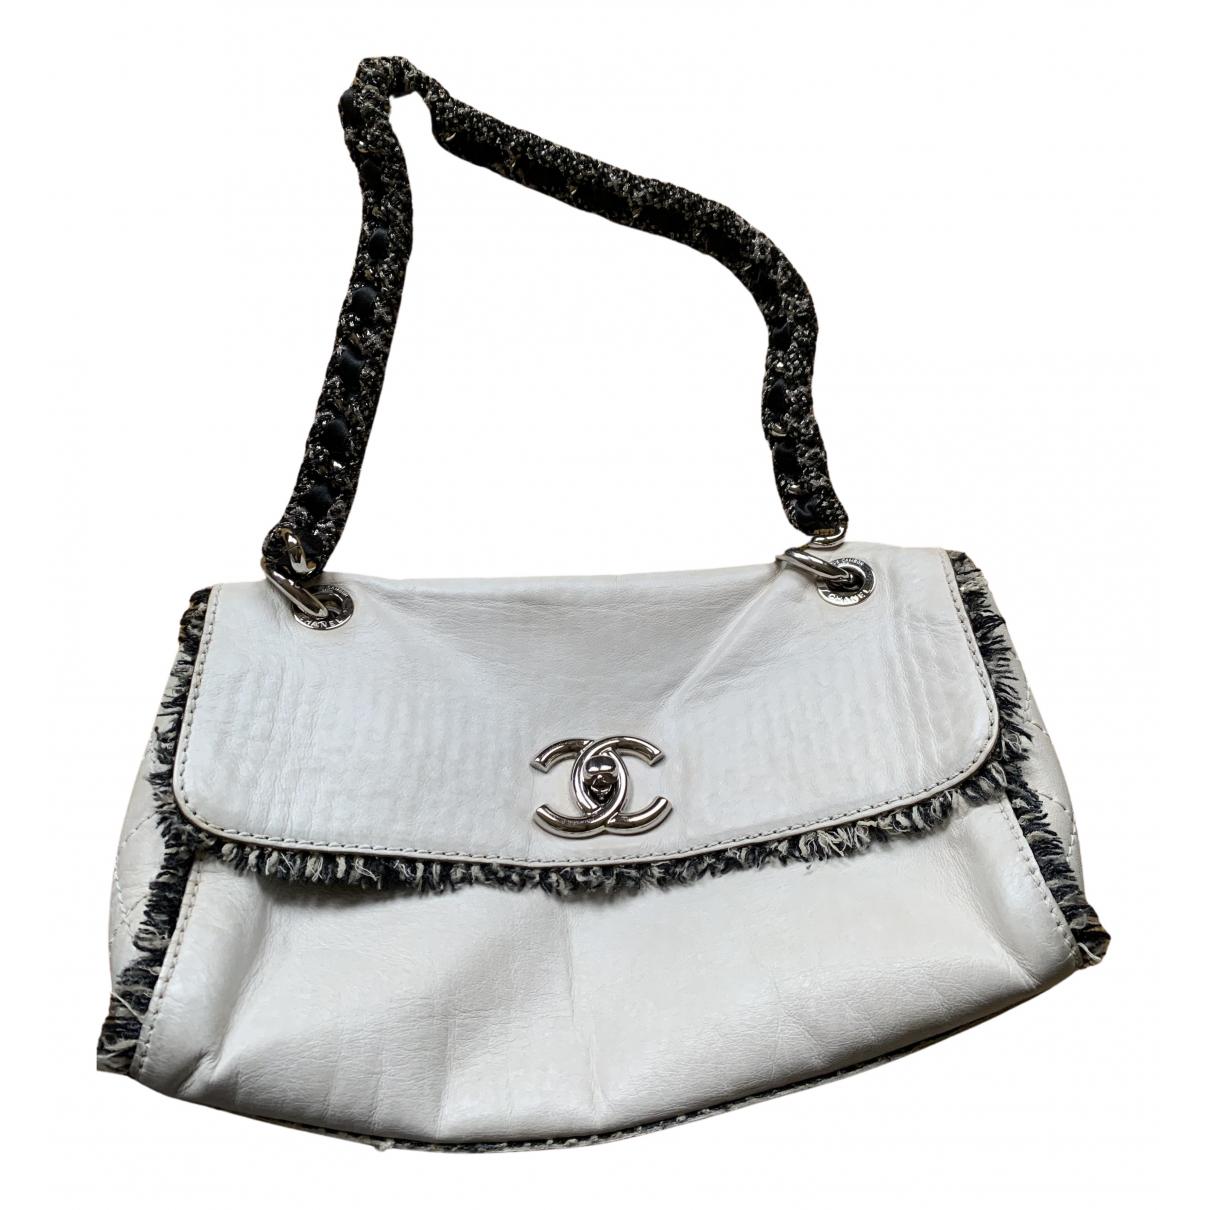 Chanel \N Handtasche in  Weiss Leder